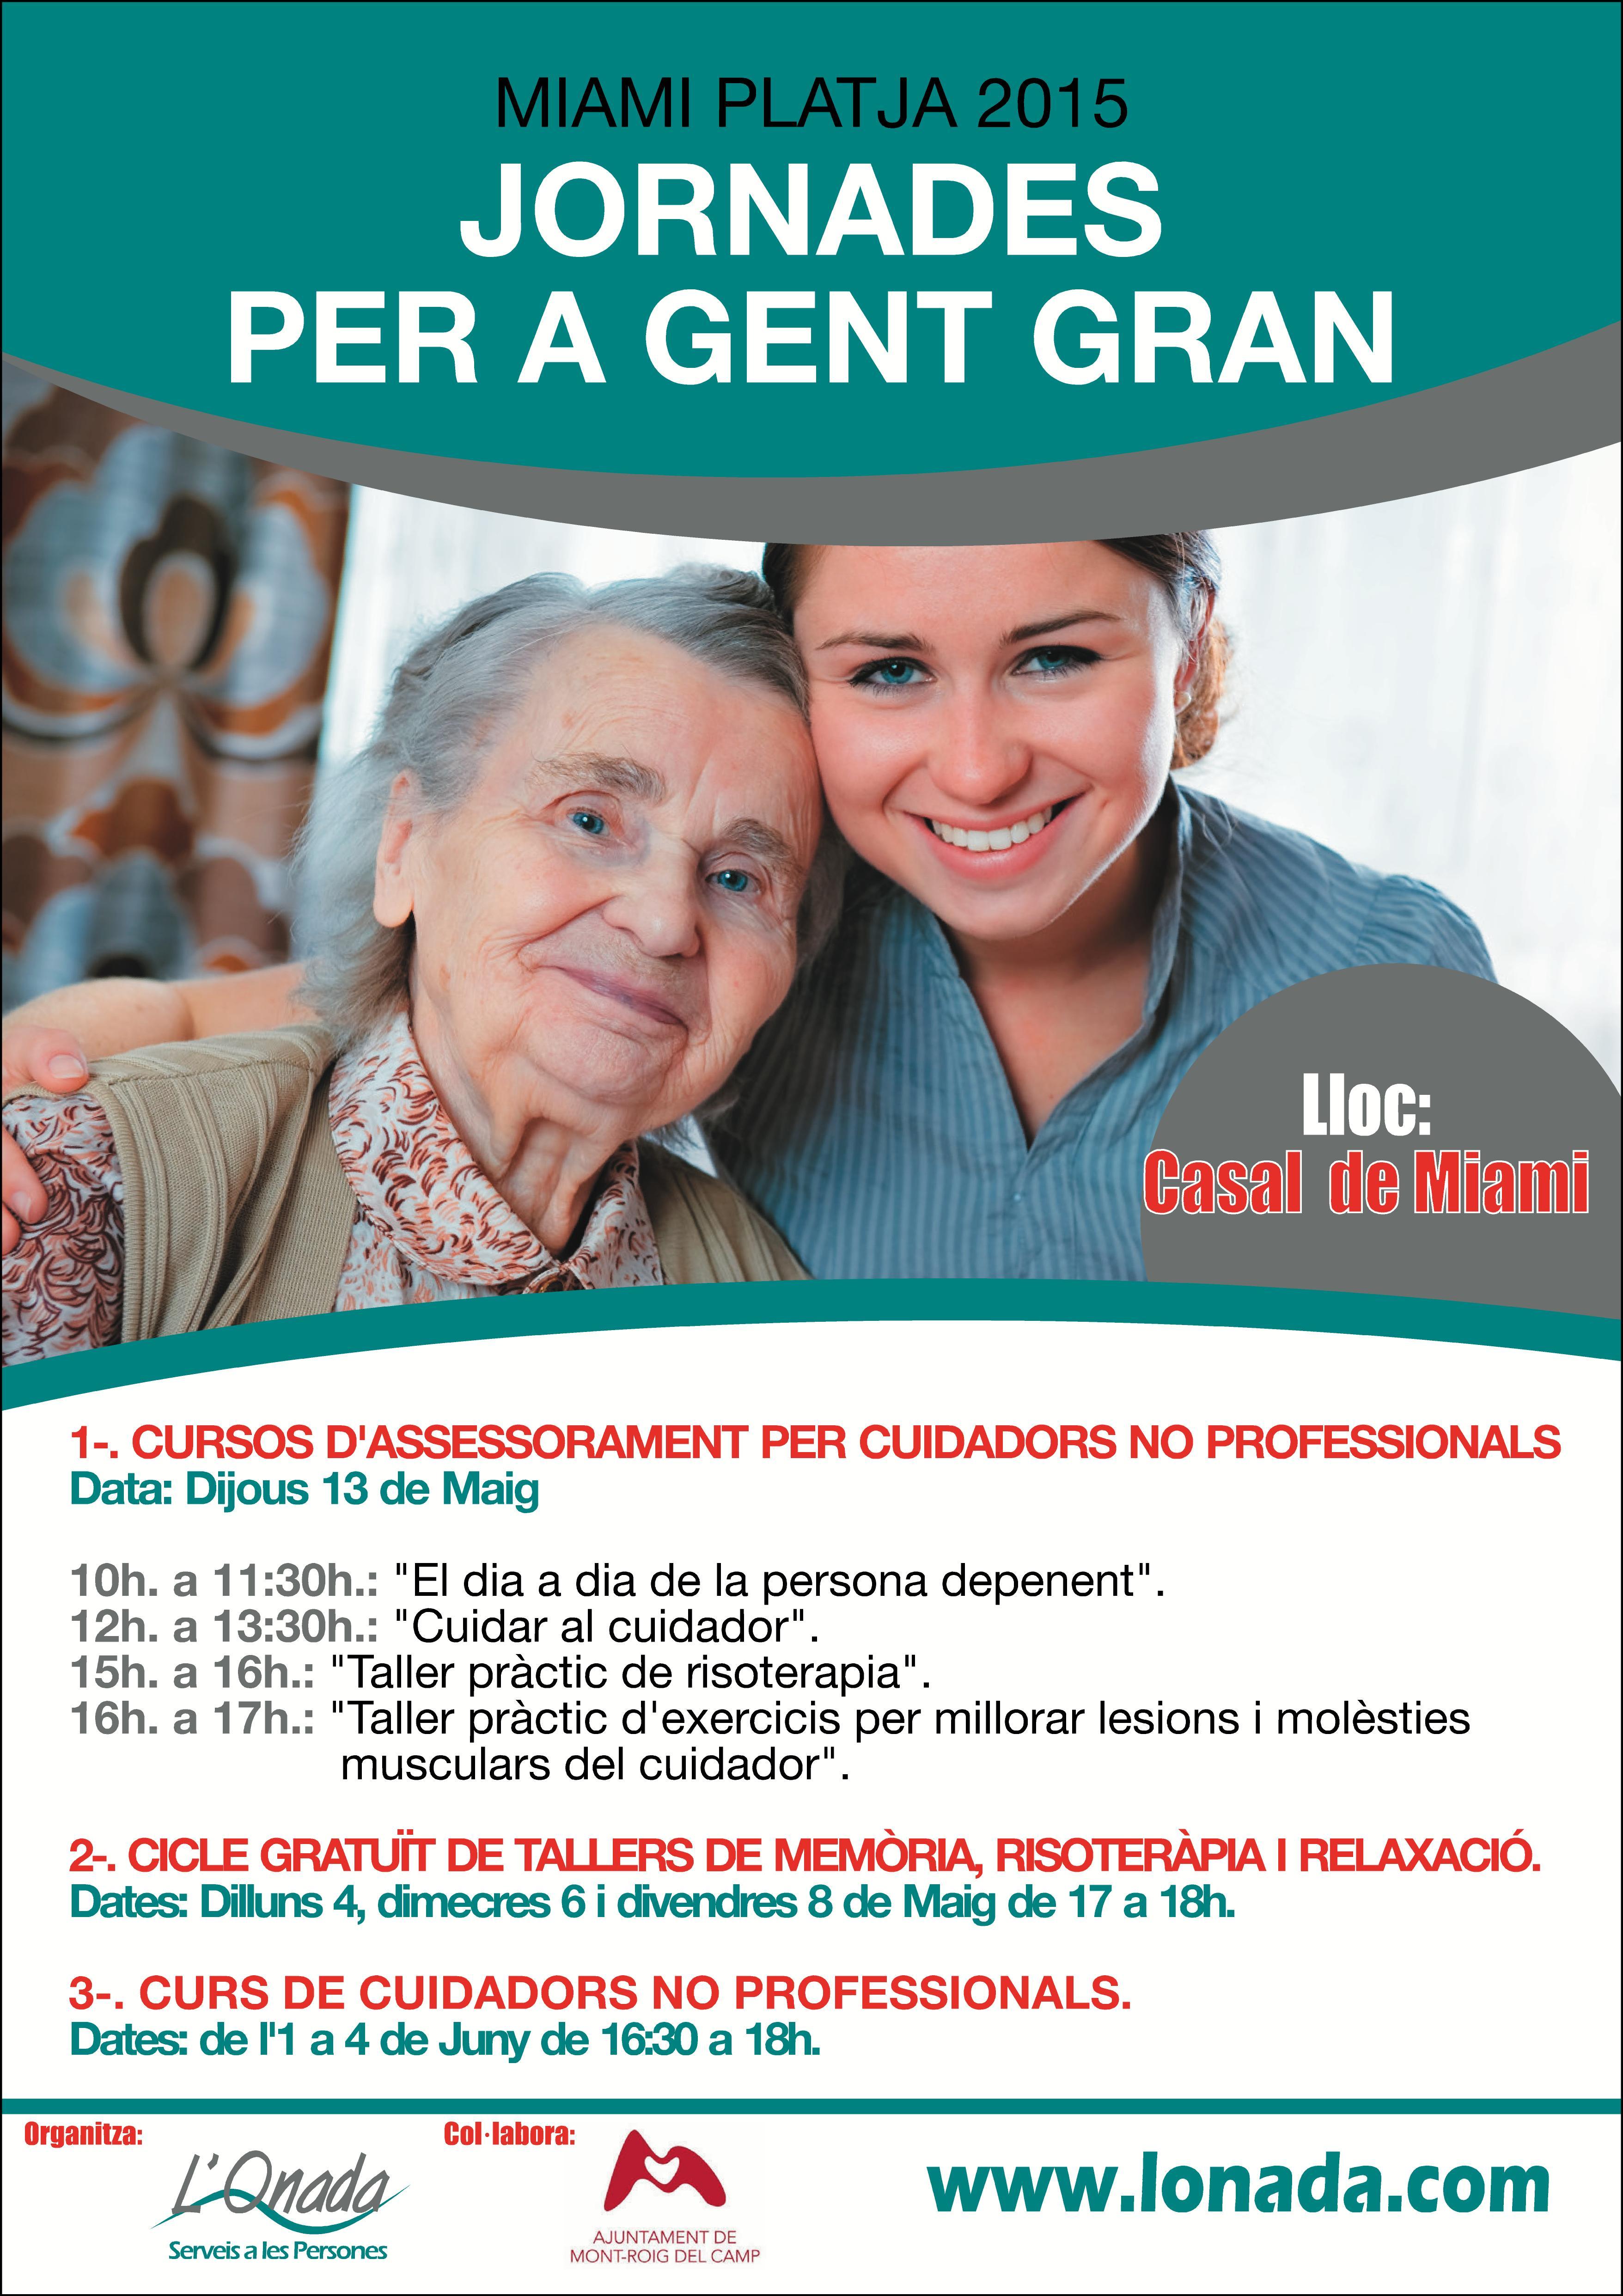 Jornadas para cuidadores no profesionales